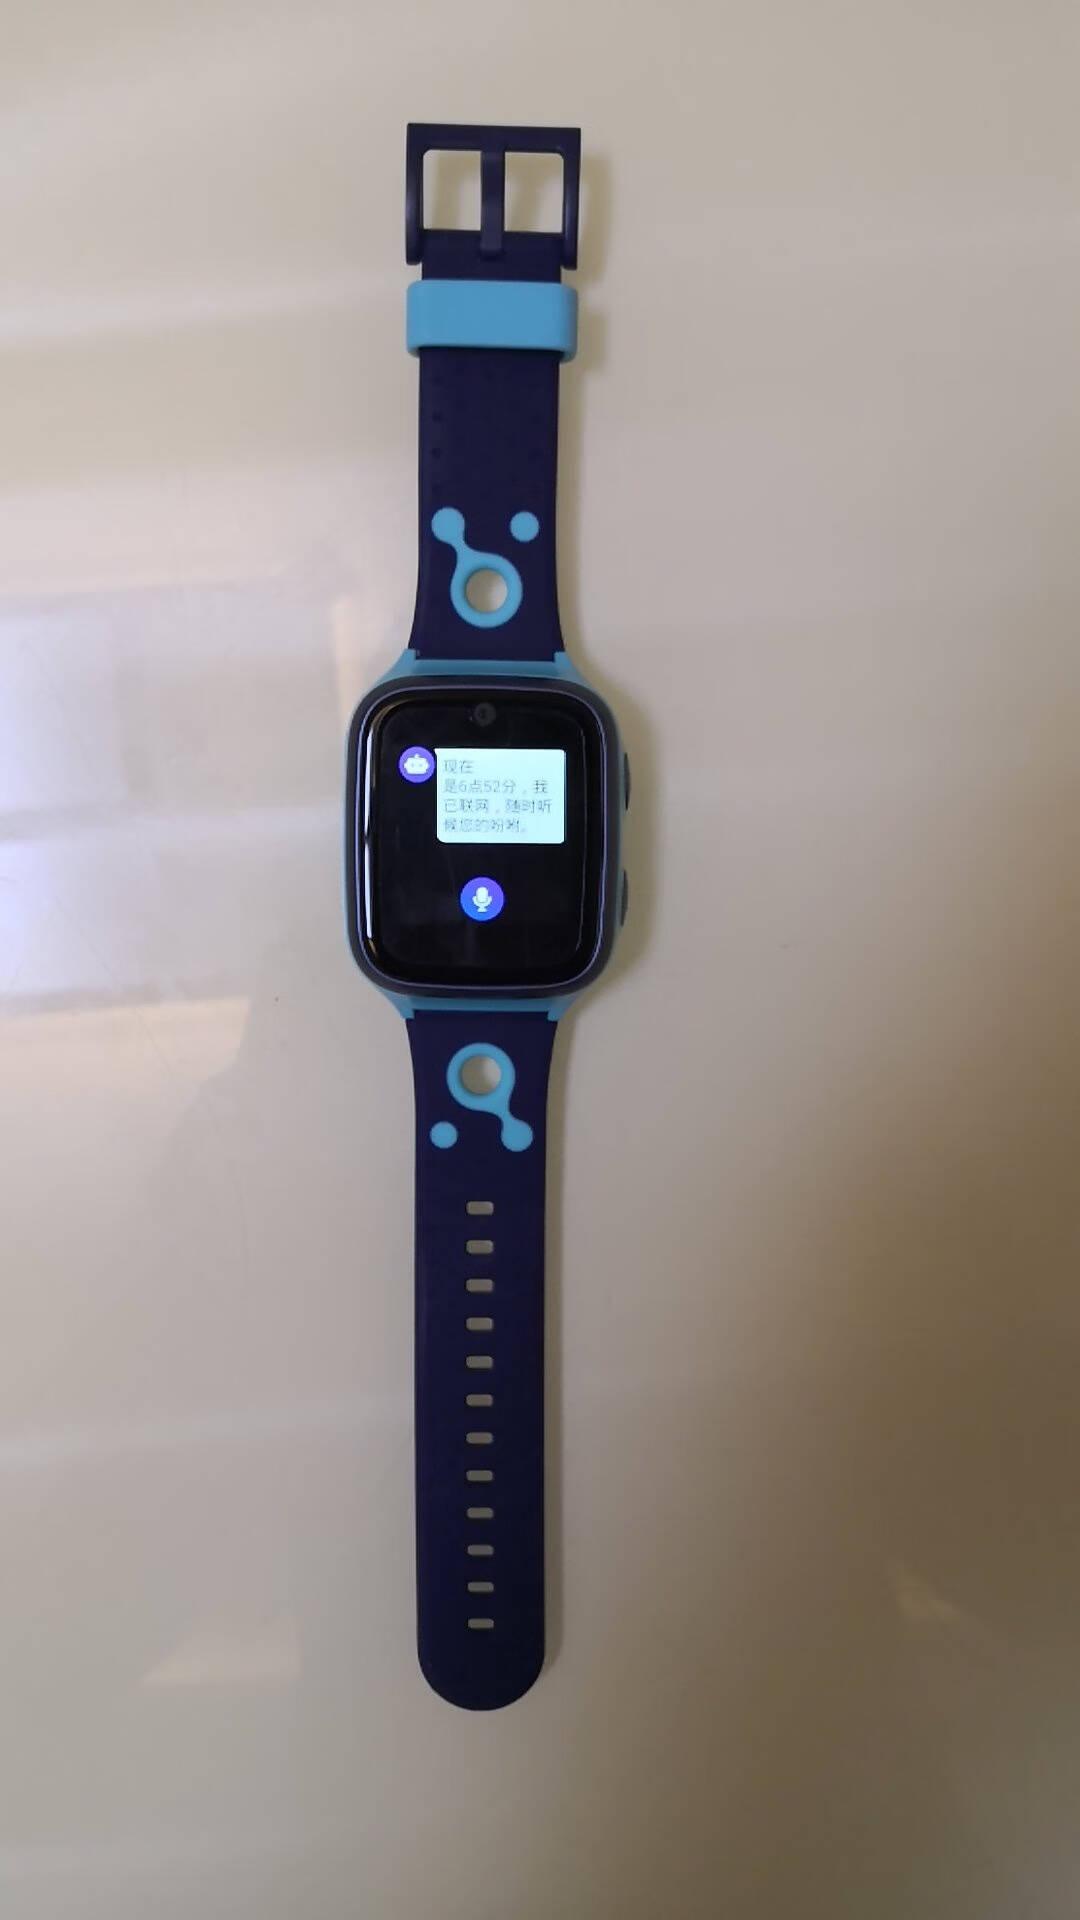 360儿童电话手表9X智能语音问答定位支付手表4G全网通20米游泳级防水视频通话拍照手表男女孩星空蓝